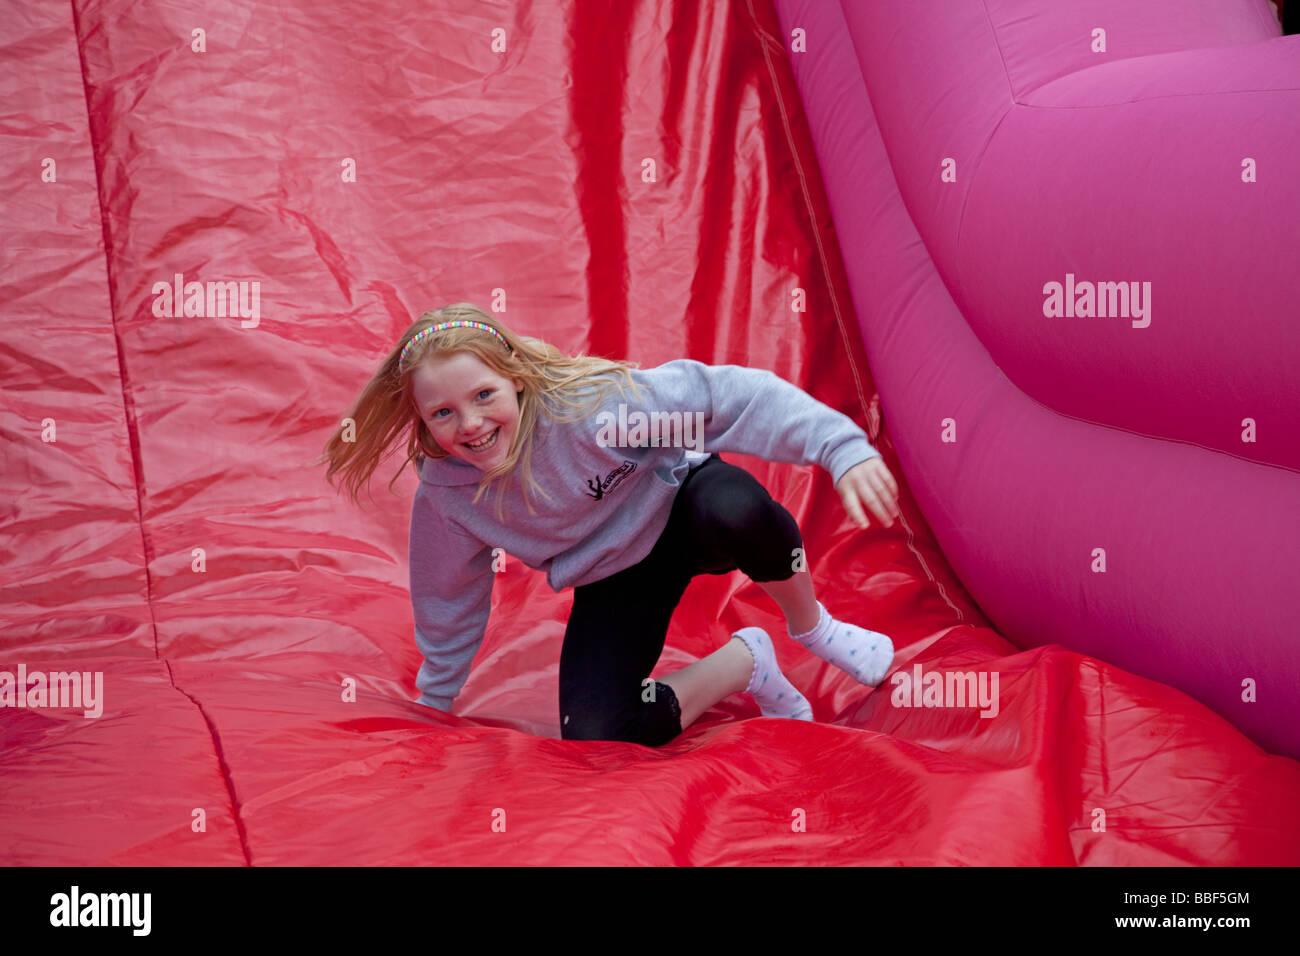 Junges Mädchen genießen Hüpfburg Maifeiertag Messe Woodmancote Cheltenham UK 2009 Stockbild